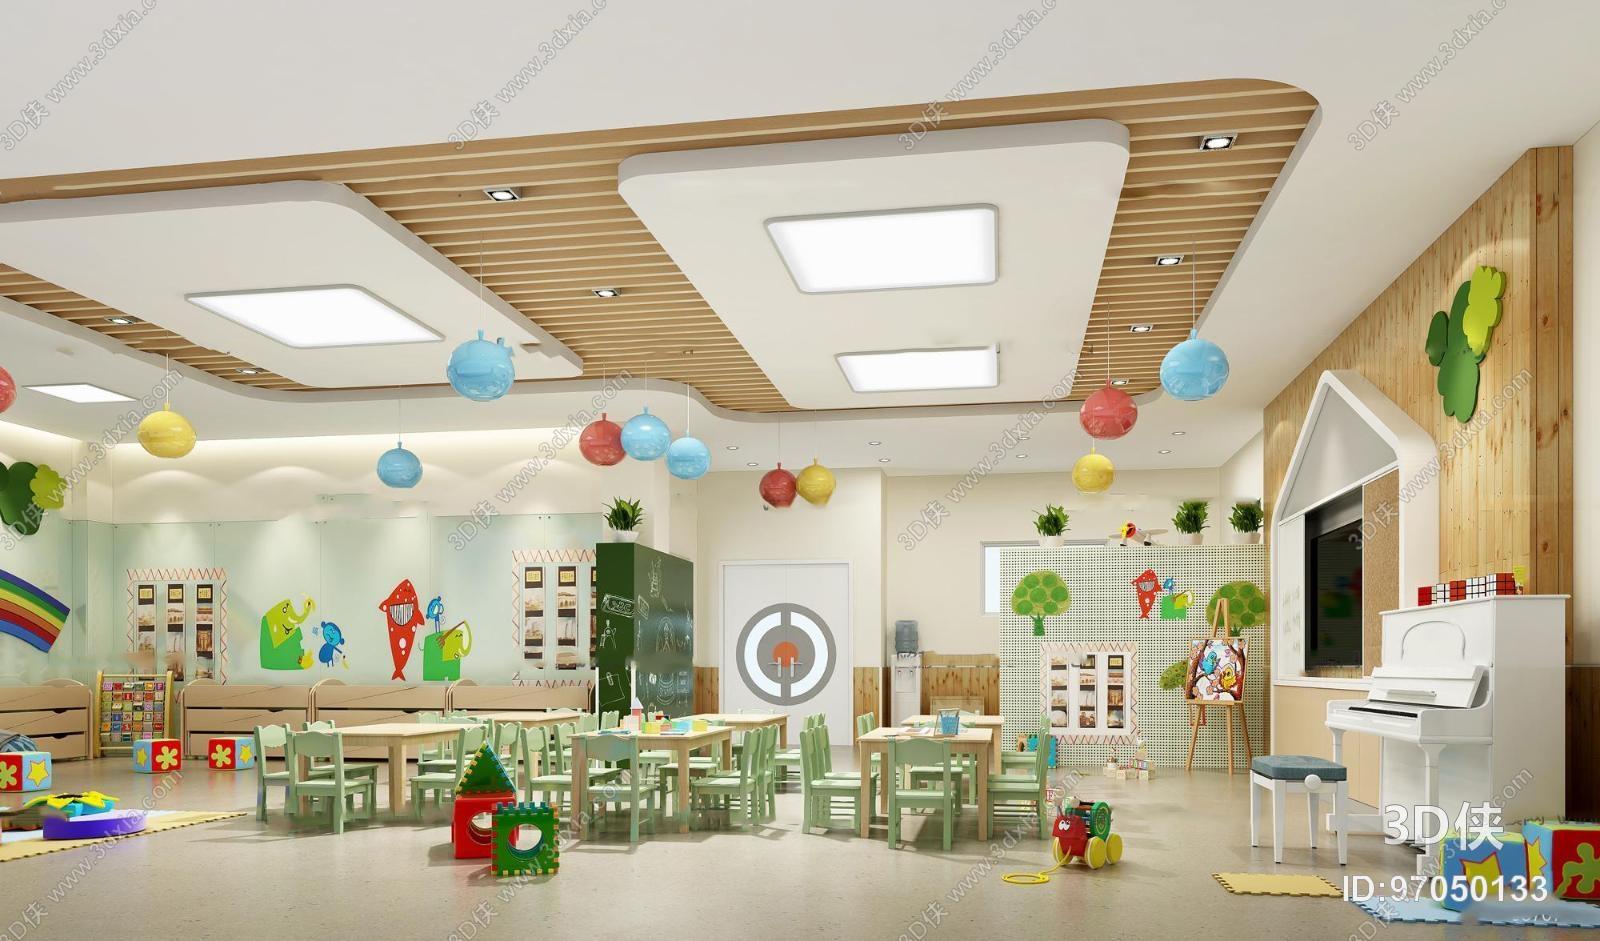 童活动室_现代儿童教室活动室3d模型【id:97050133】